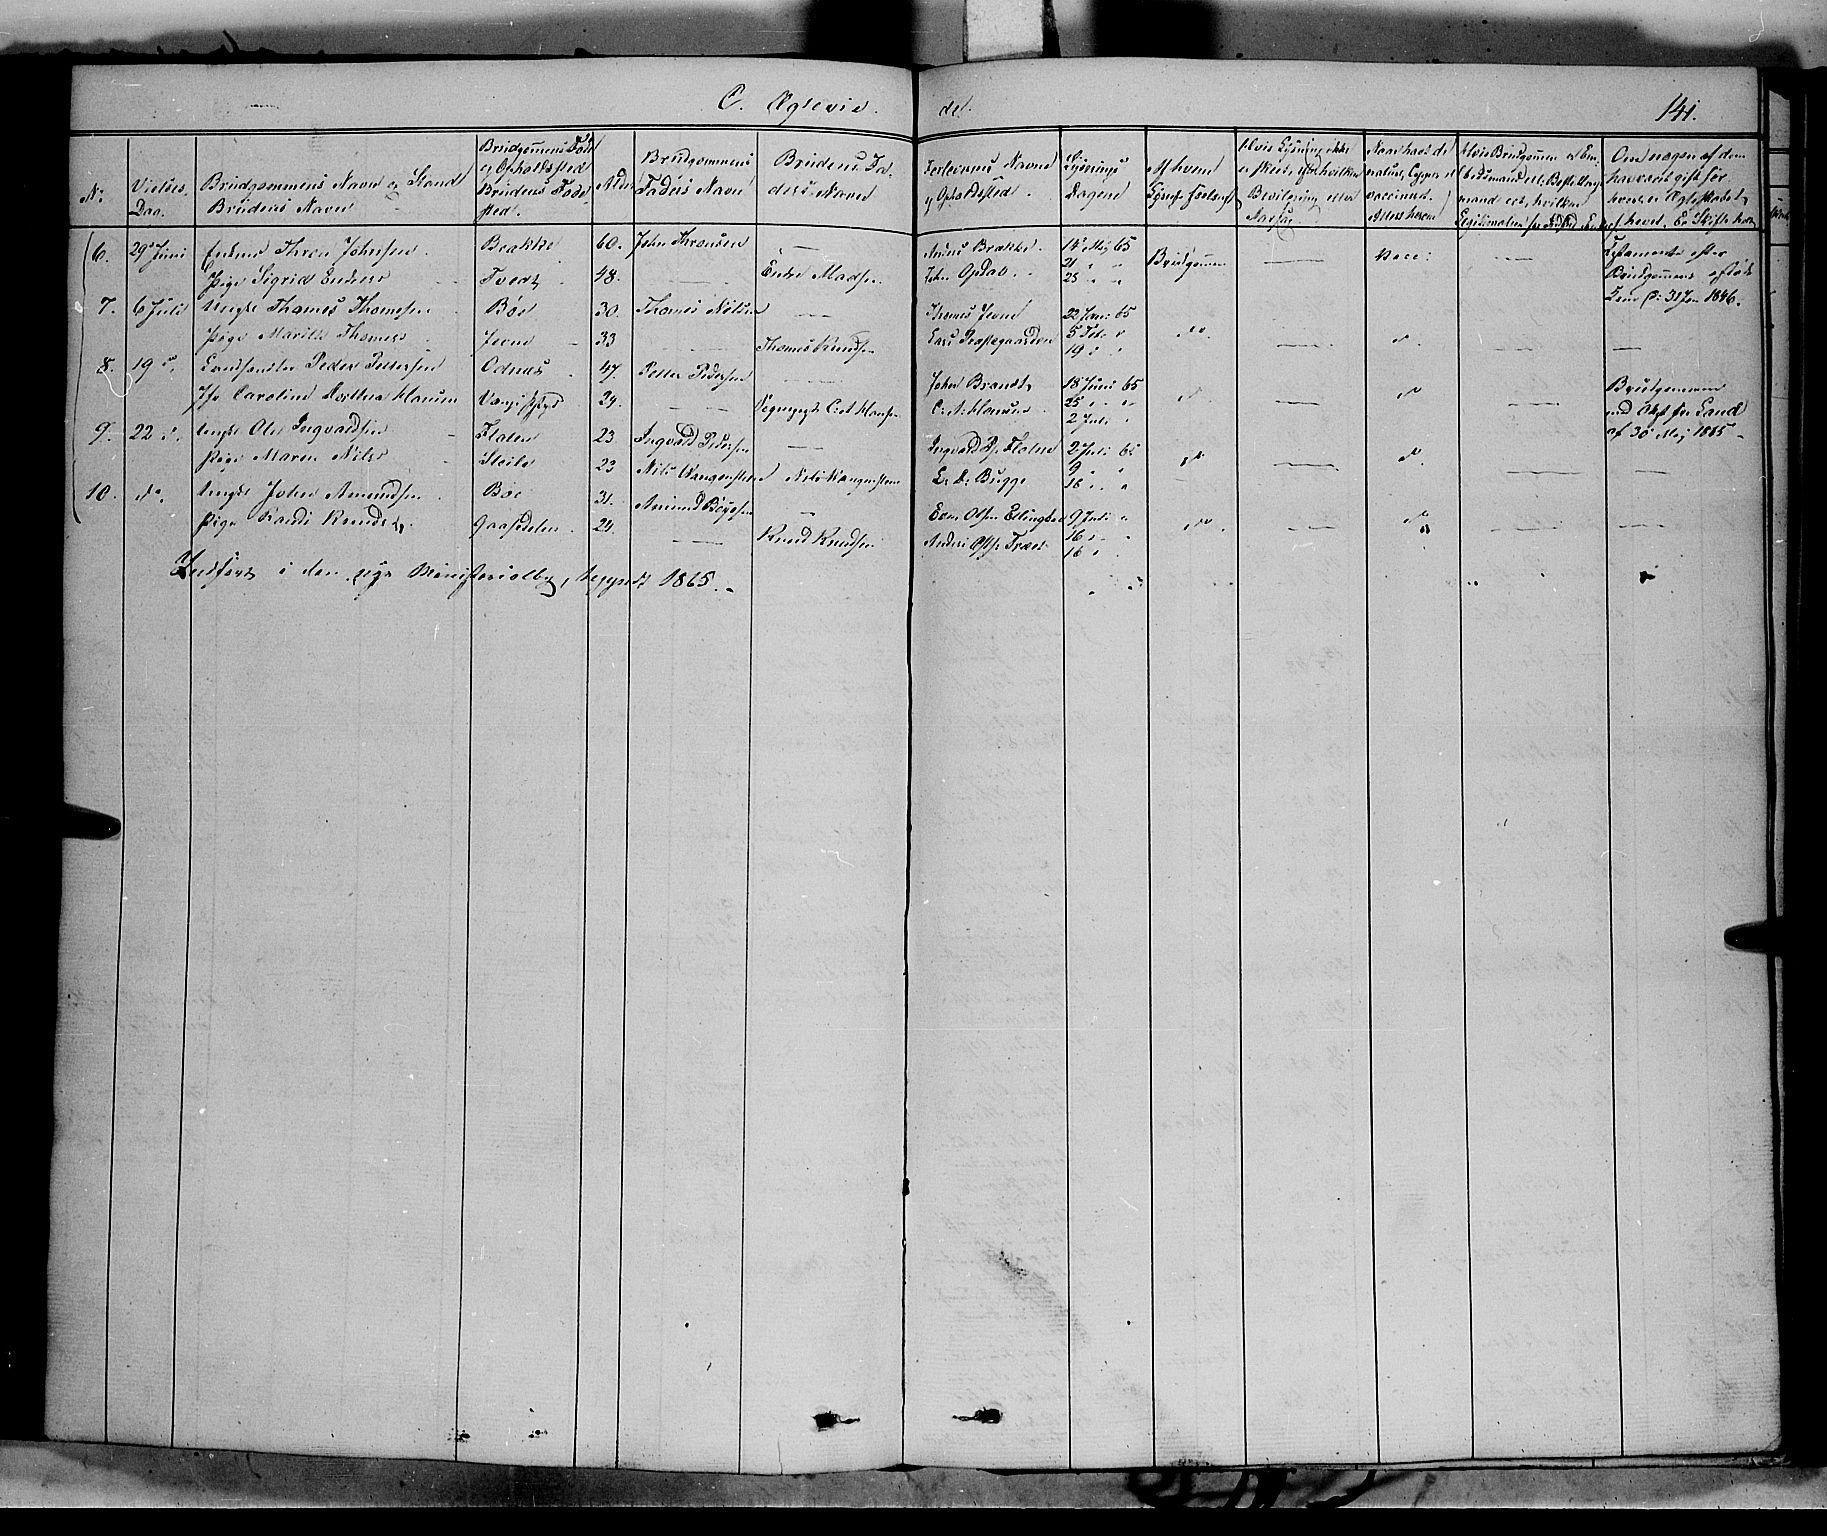 SAH, Vang prestekontor, Valdres, Ministerialbok nr. 6, 1846-1864, s. 141